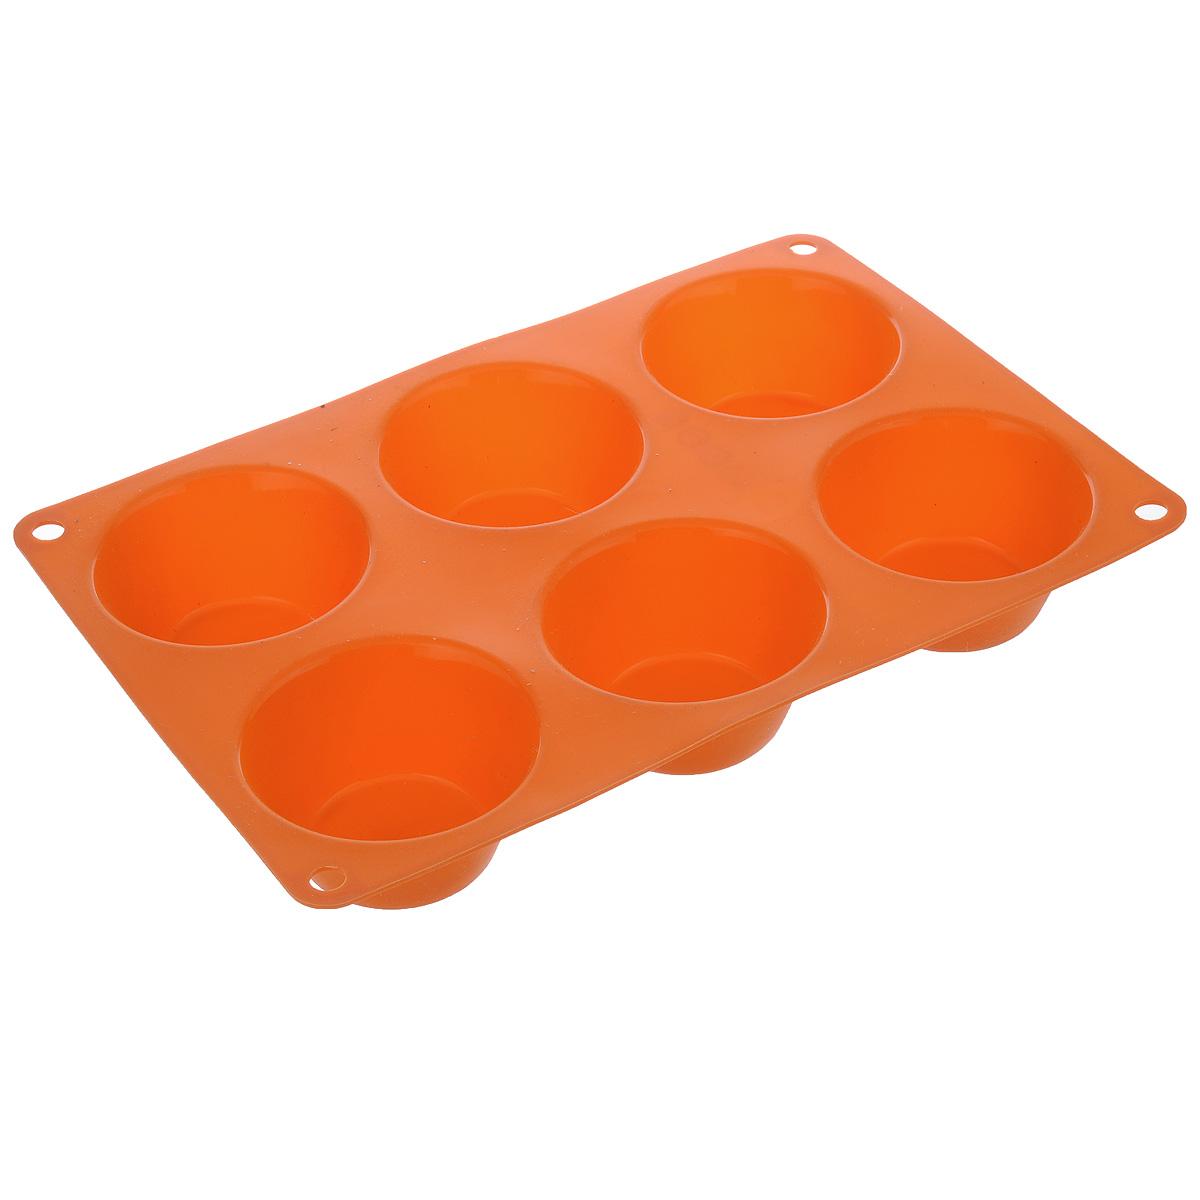 Форма для выпечки маффинов Taller,цвет: оранжевый, 6 ячеекTR-6200_оранжевыйФорма Taller будет отличным выбором для всех любителей выпечки. Благодаря тому, что форма изготовлена из силикона, готовую выпечку или мармелад вынимать легко и просто. Изделие выполнено в форме прямоугольника, внутри которого расположены 6 круглых ячеек. Форма прекрасно подойдет для выпечки маффинов.С такой формой вы всегда сможете порадовать своих близких оригинальной выпечкой. Материал изделия устойчив к фруктовым кислотам, может быть использован в духовках, микроволновых печах, холодильниках и морозильных камерах (выдерживает температуру от -20°C до 220°C). Антипригарные свойства материала позволяют готовить без использования масла.Можно мыть и сушить в посудомоечной машине. При работе с формой используйте кухонный инструмент из силикона - кисти, лопатки, скребки. Не ставьте форму на электрическую конфорку. Не разрезайте выпечку прямо в форме.Количество ячеек: 6 шт.Общий размер формы: 24 см х 16,5 см х 3,5 см.Диаметр ячейки: 7 см.Глубина ячейки: 3,5 см.